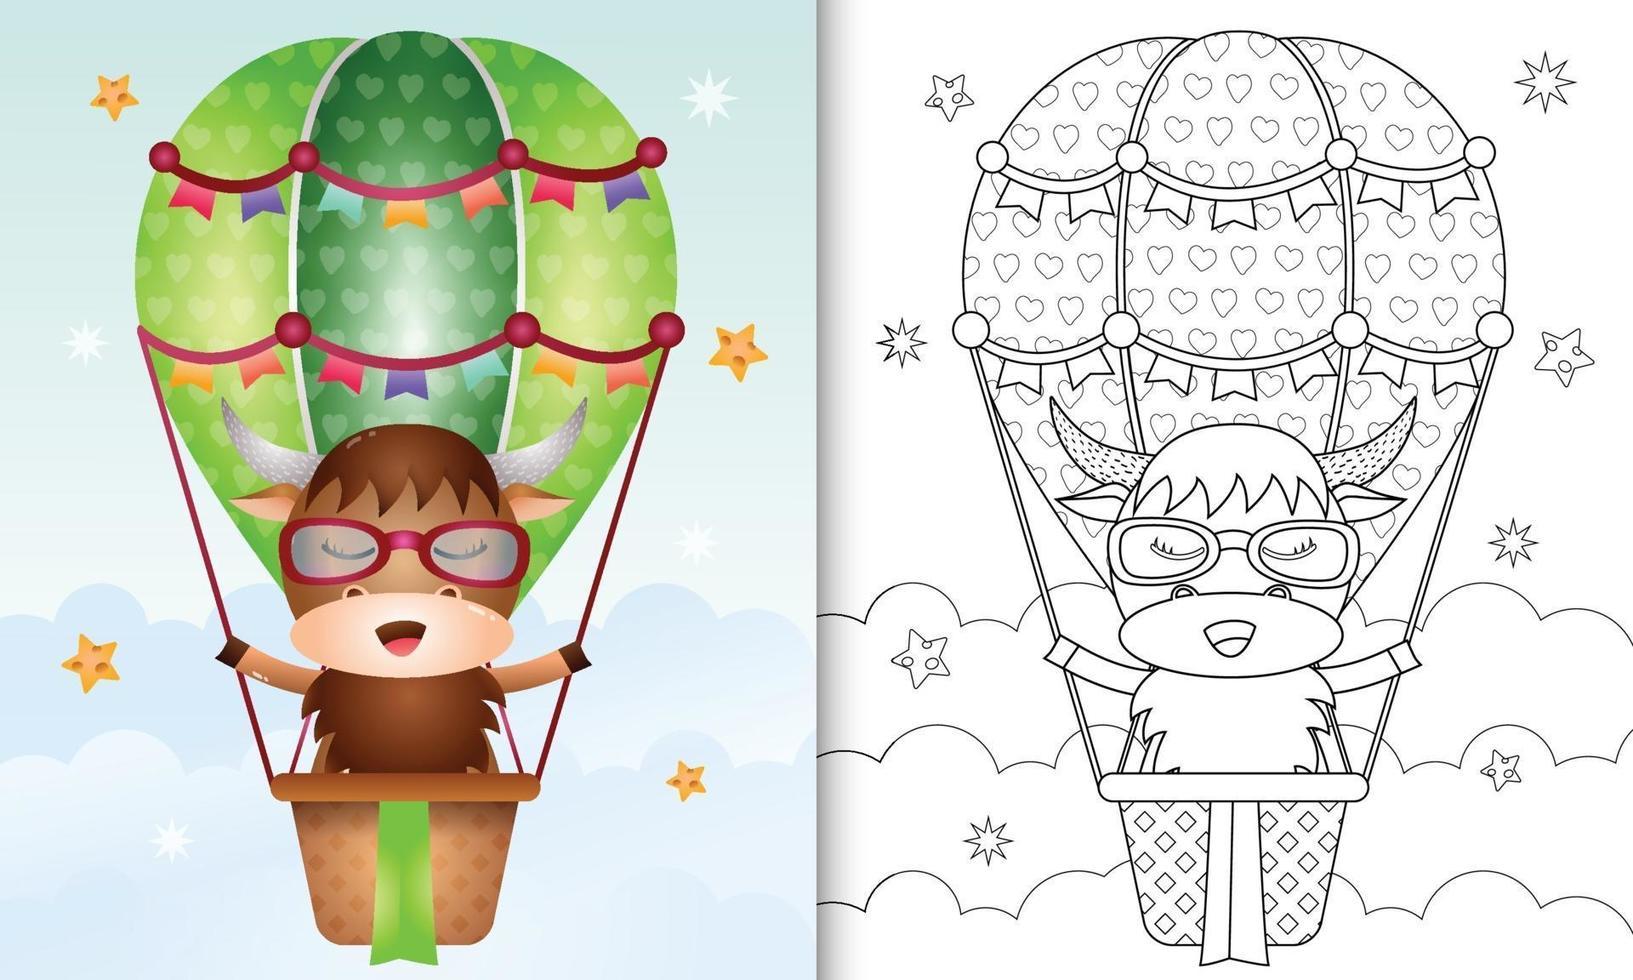 modèle de livre de coloriage pour les enfants avec un buffle mignon sur ballon à air chaud vecteur